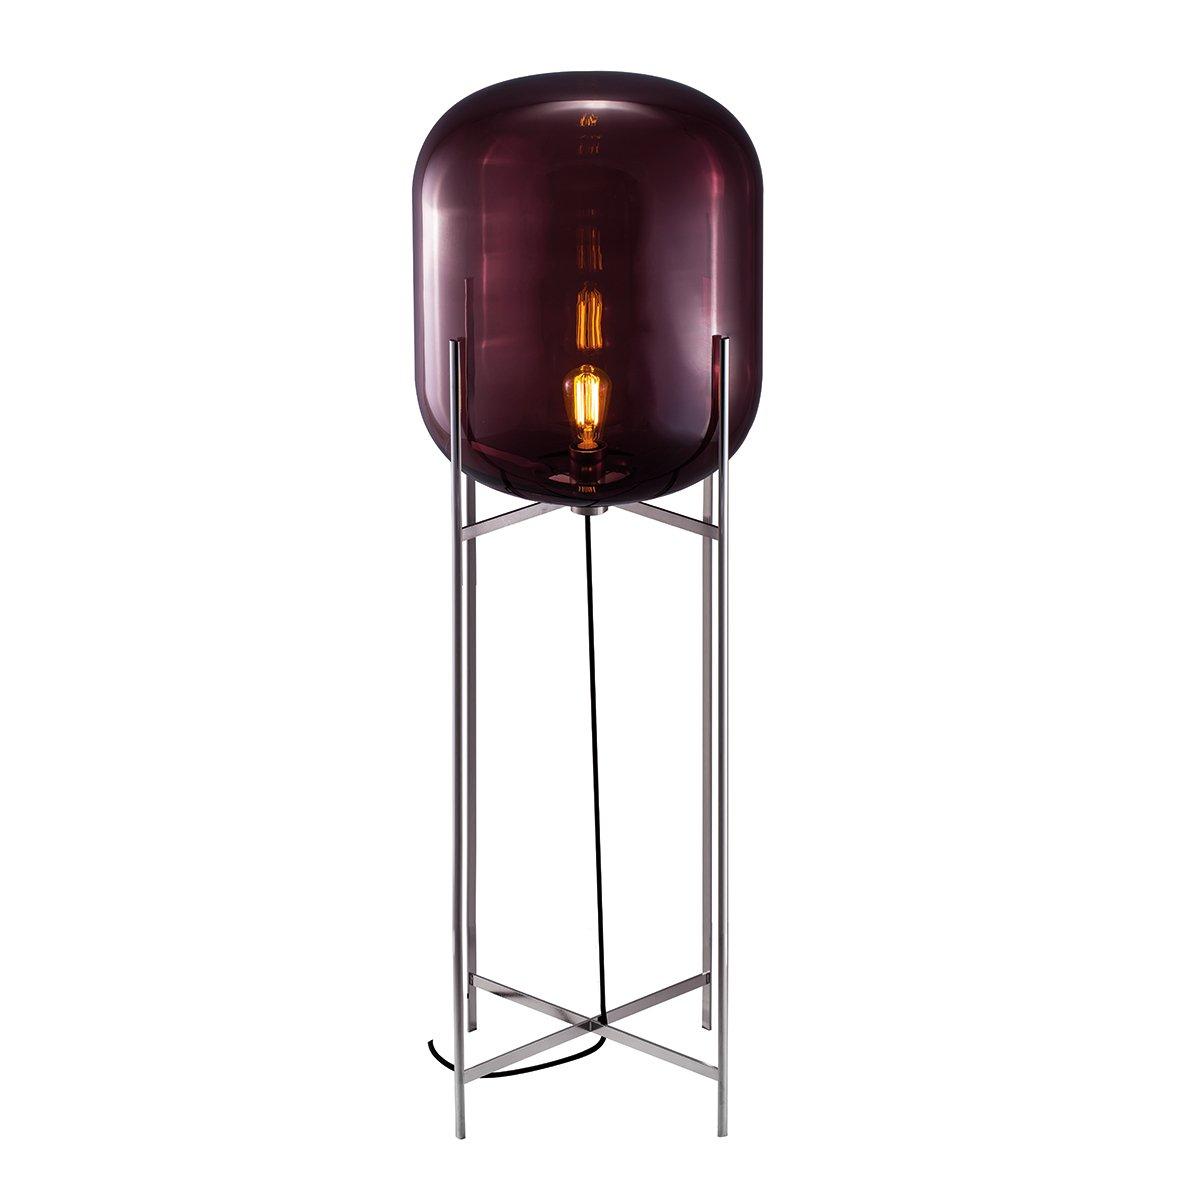 Pulpo Oda Vloerlamp Large (2014) - Aubergine - Chroom